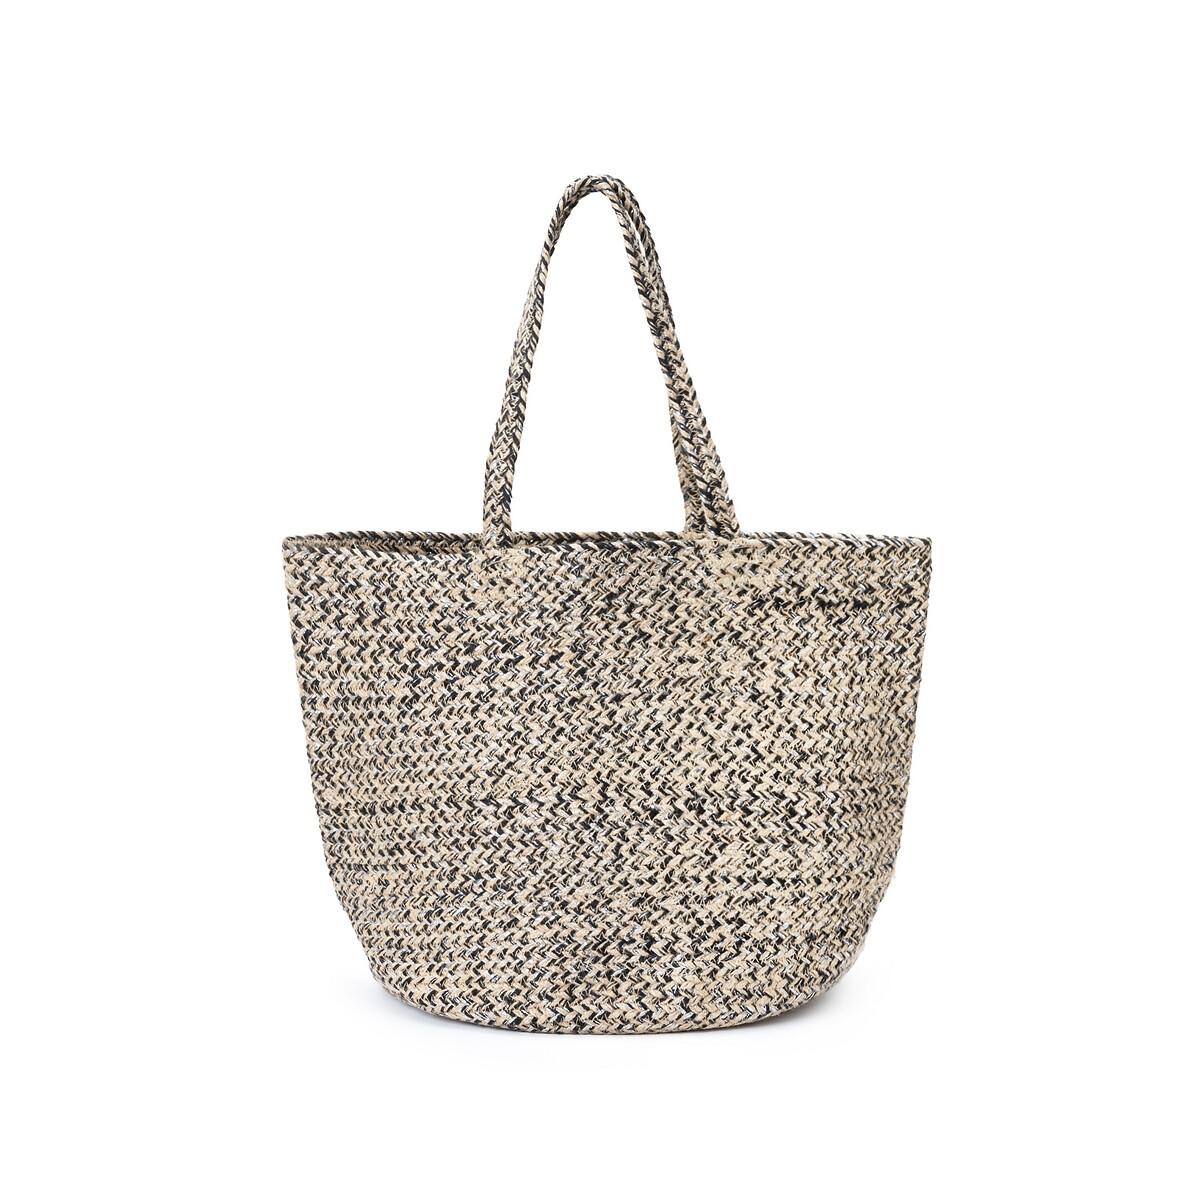 Корзина LaRedoute из джута с серебристой люрексовой нитью единый размер бежевый сумка шоппер laredoute из джута с надписью gypsy единый размер бежевый